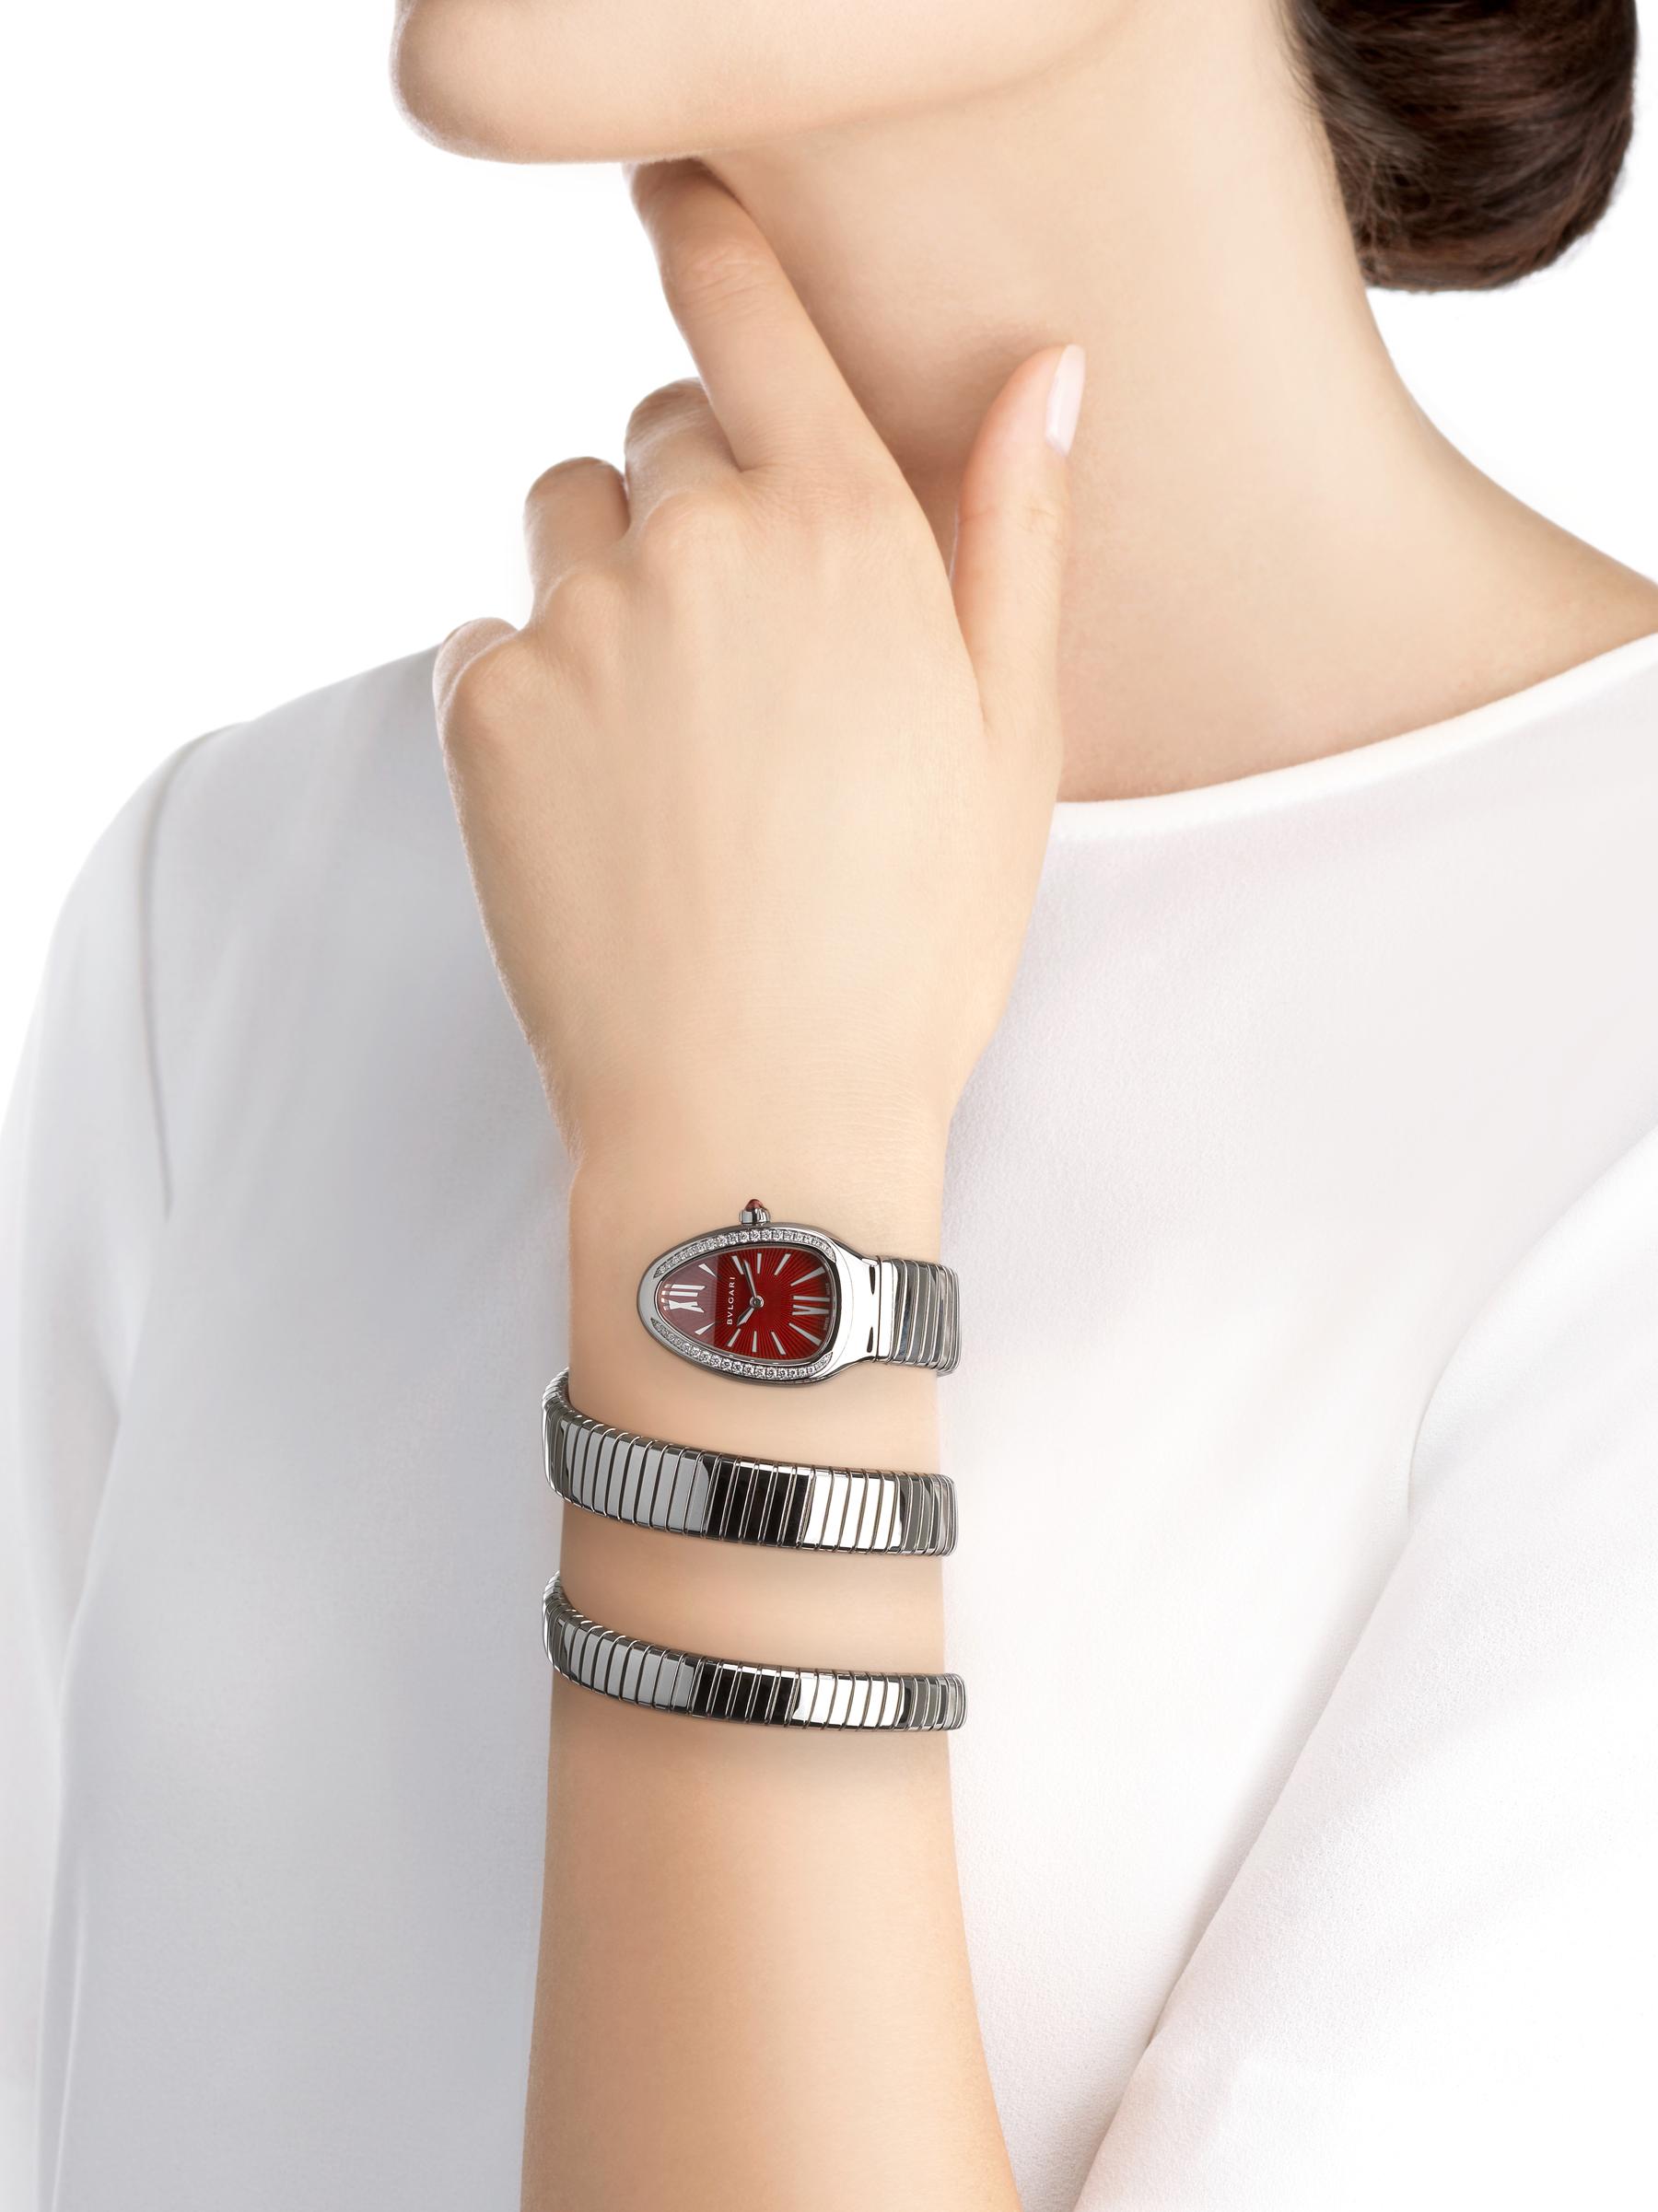 Orologio Serpenti Tubogas con cassa in acciaio inossidabile con diamanti taglio brillante, quadrante laccato rosso e bracciale a doppia spirale in acciaio inossidabile. 102682 image 4